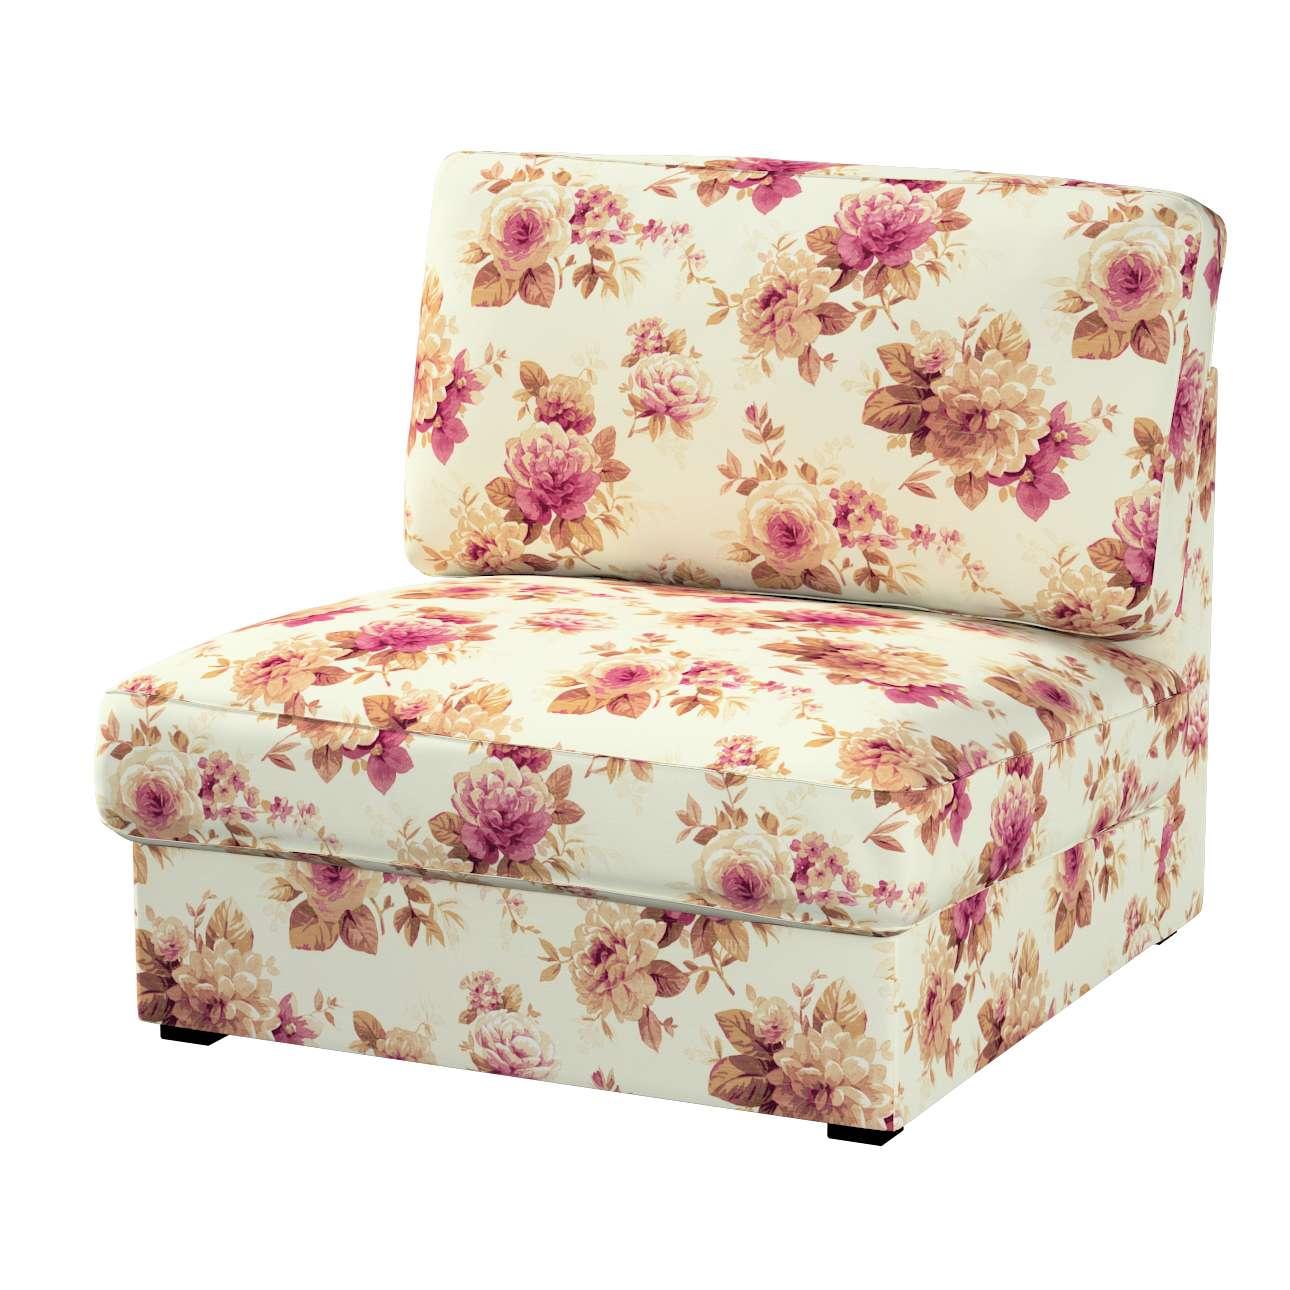 Pokrowiec na fotel Kivik Fotel Kivik w kolekcji Mirella, tkanina: 141-06